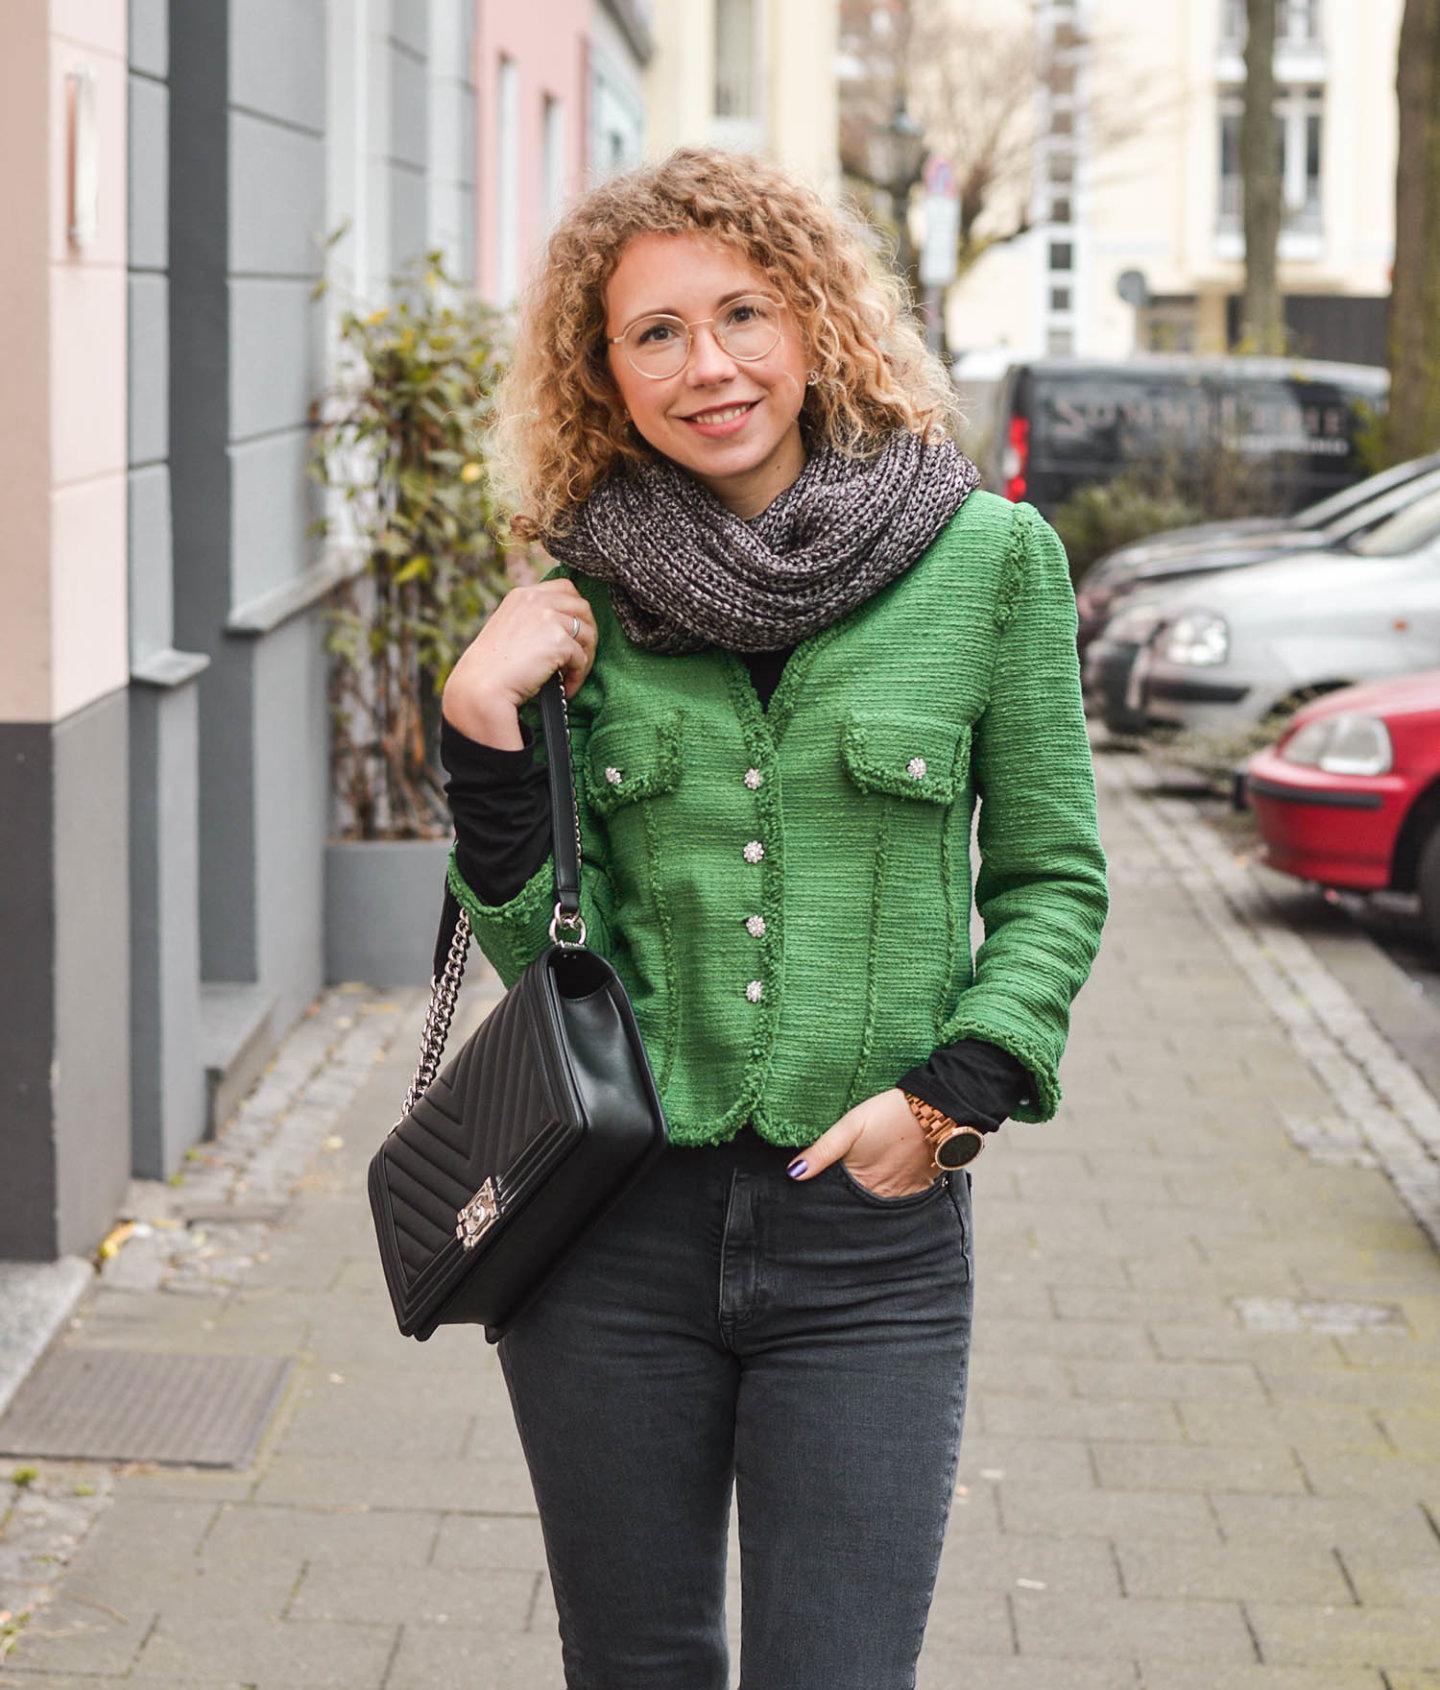 Zara tweedjacke, denim und Chanel Tasche